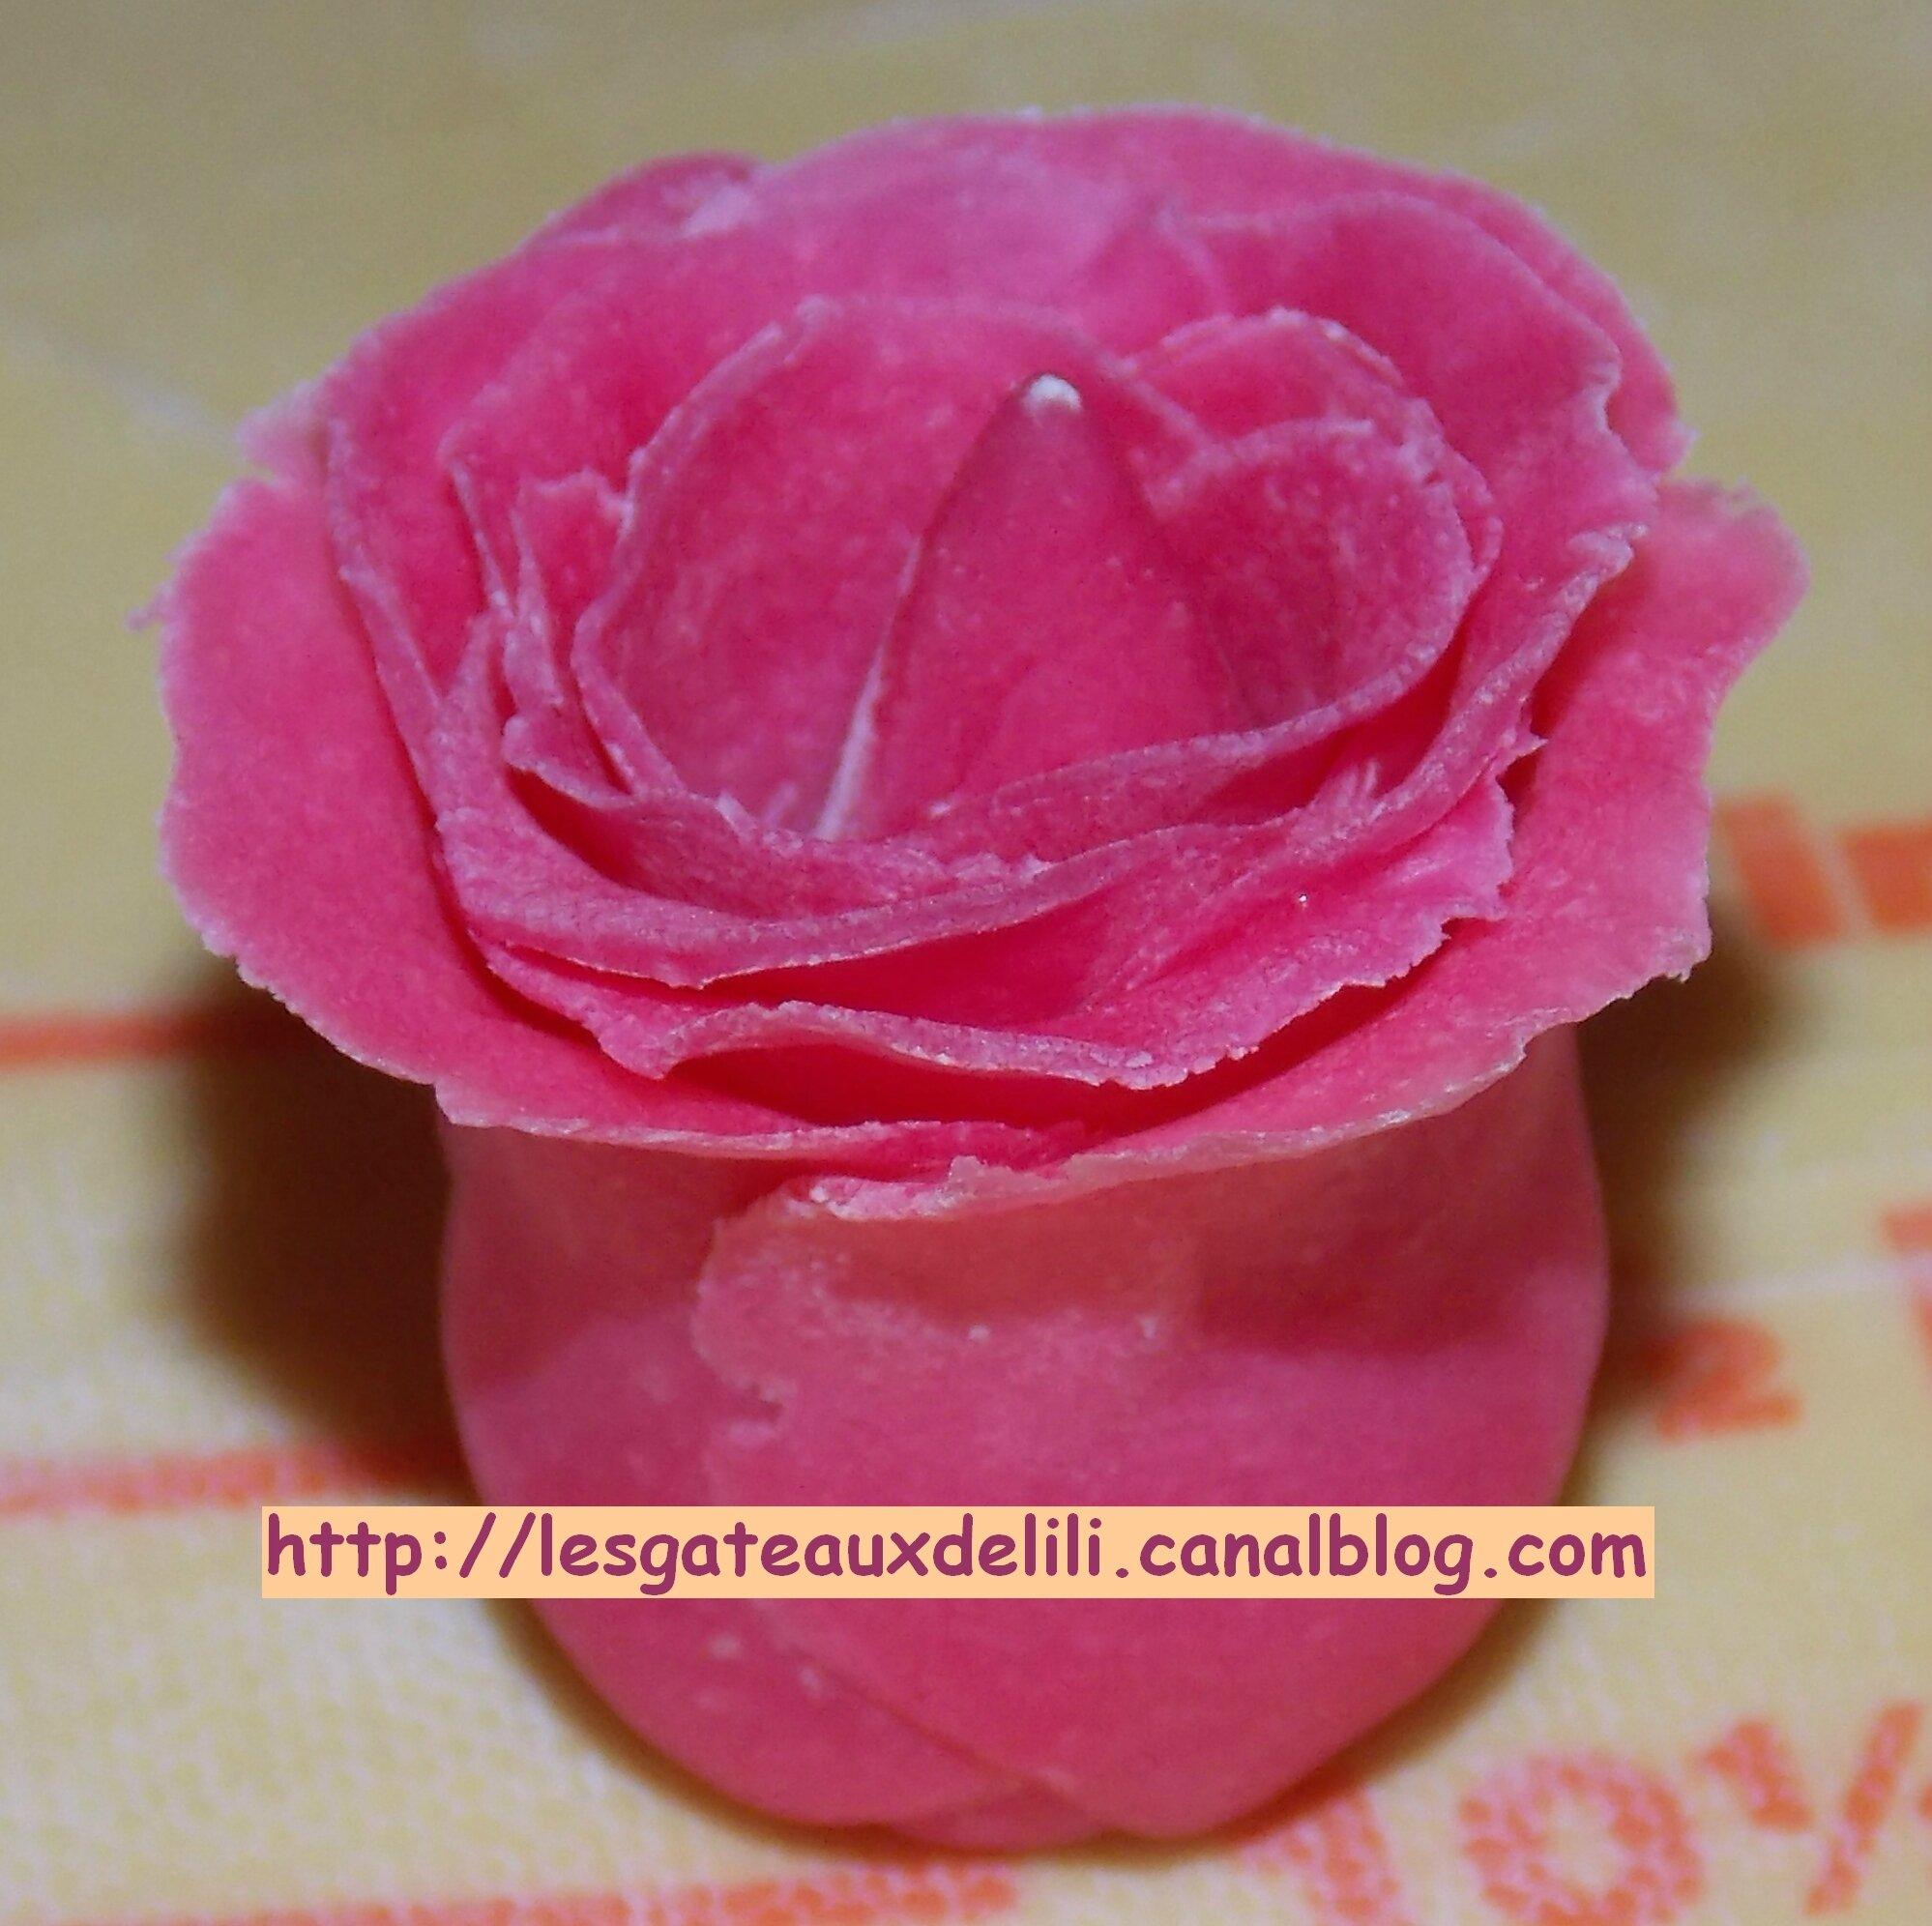 2014 01 10 - Modelage rose (11)